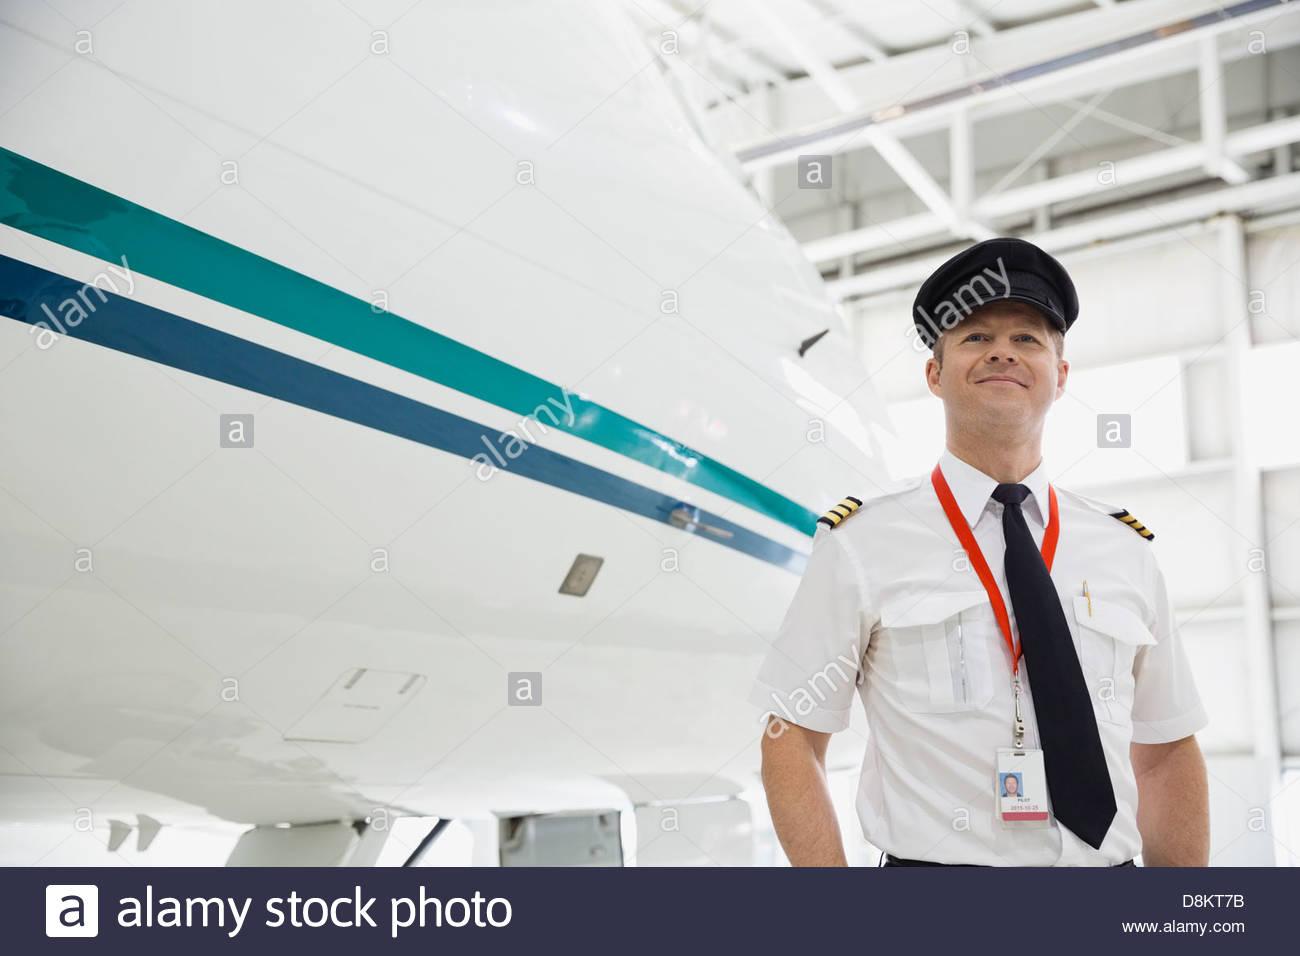 Männliche pilot stehend mit dem Flugzeug im hangar Stockbild